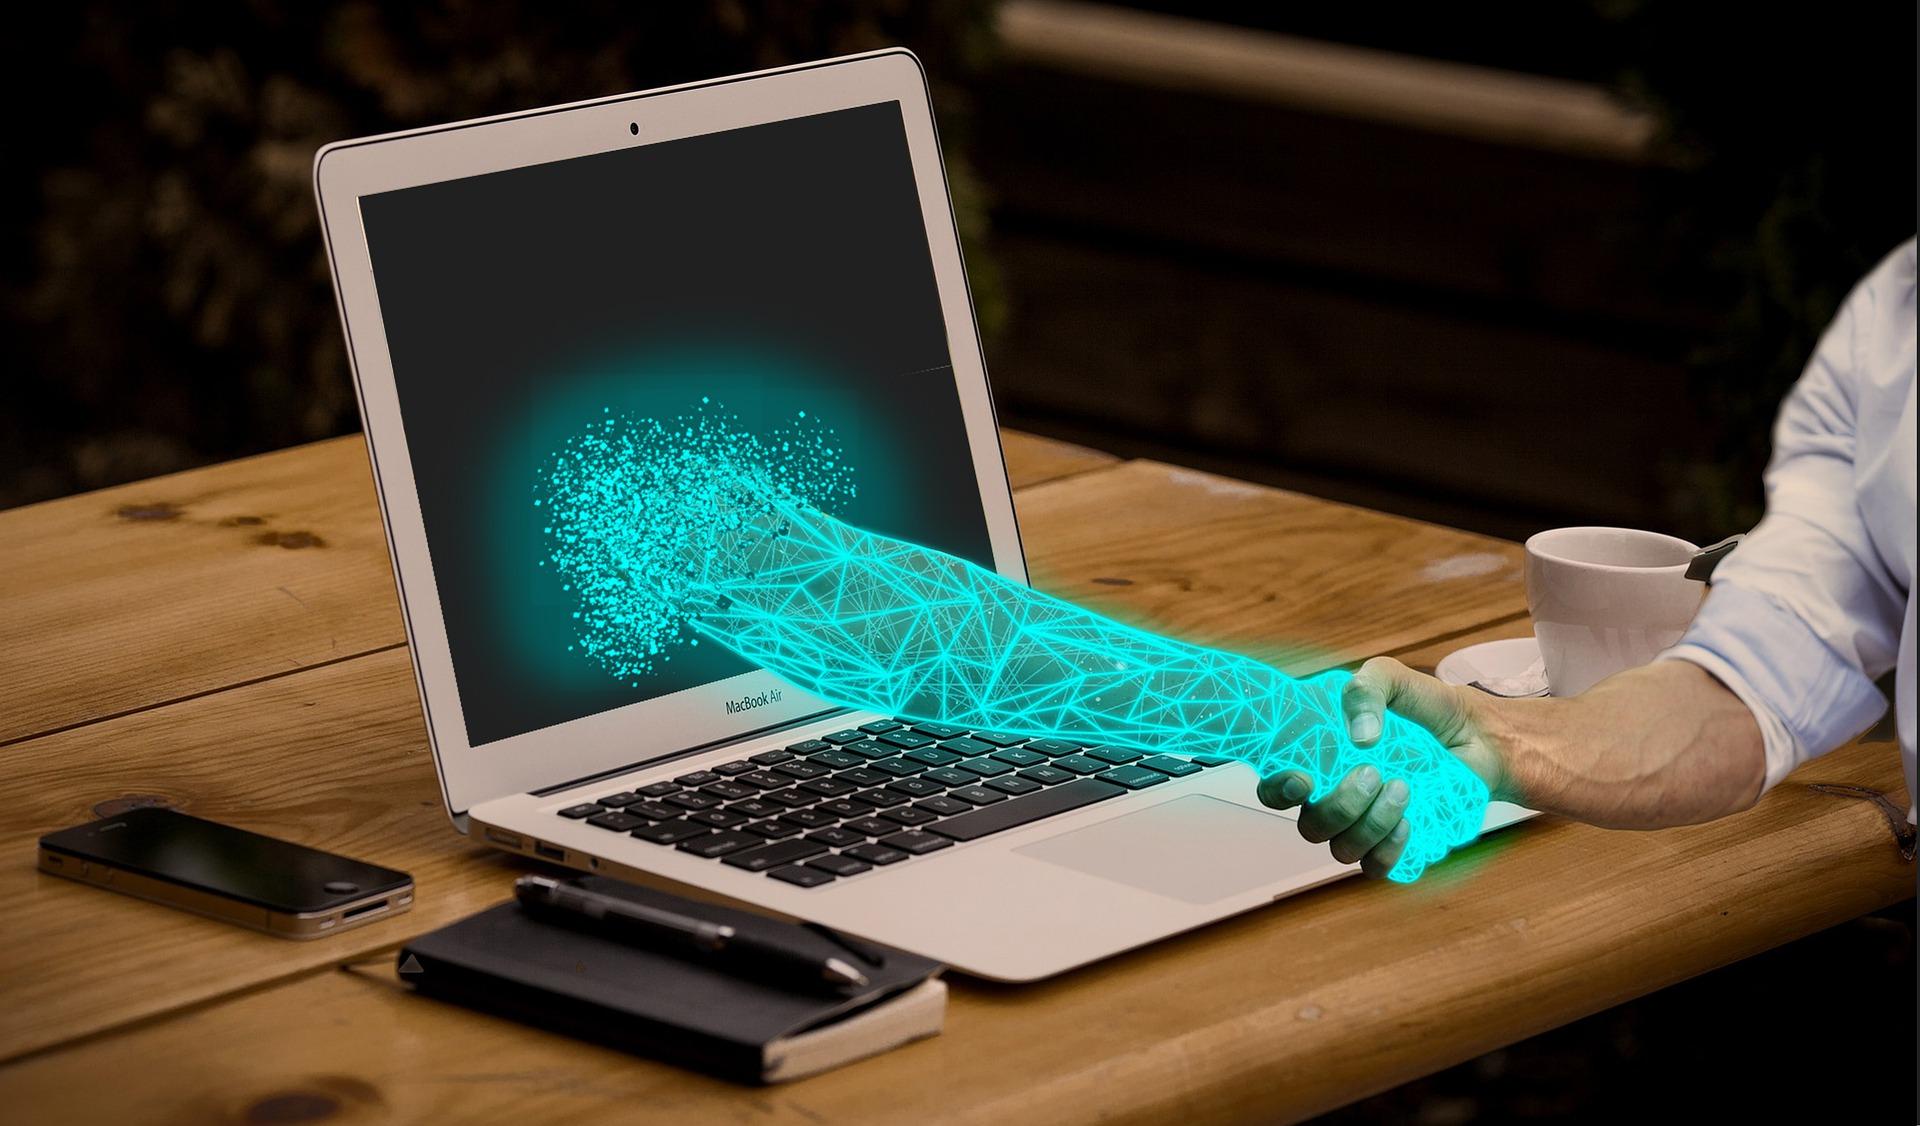 Corona und Digitalisierung: Unternehmen sehen langsames Internet und Datenschutzanforderungen als größte Herausforderung